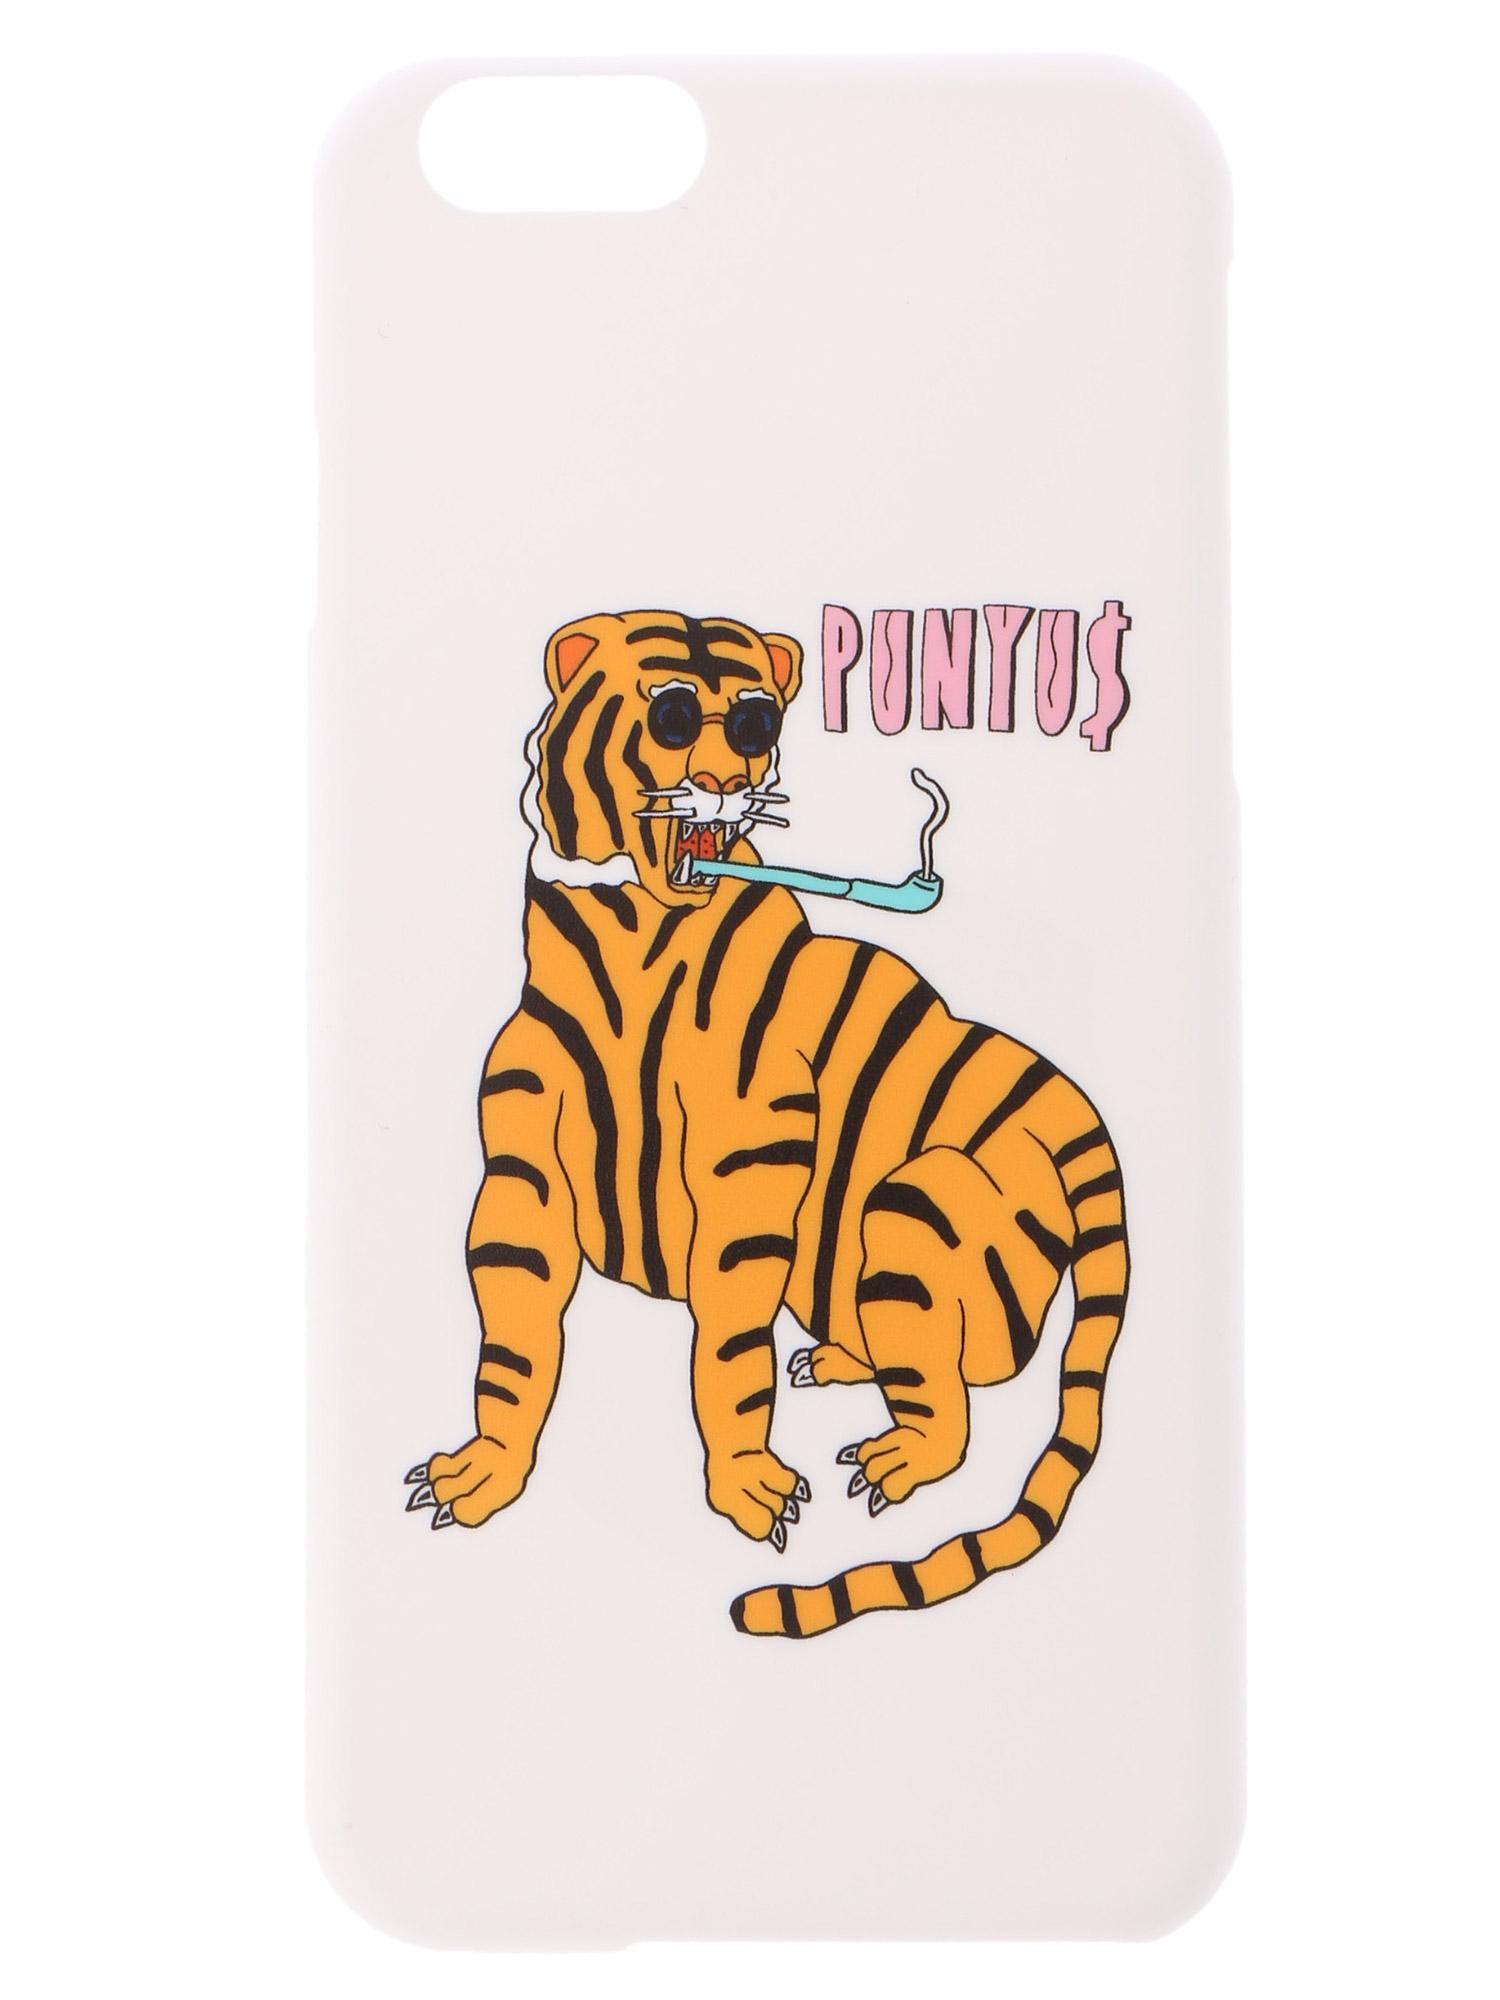 PUNYUS/タイガーiPhone6ケース